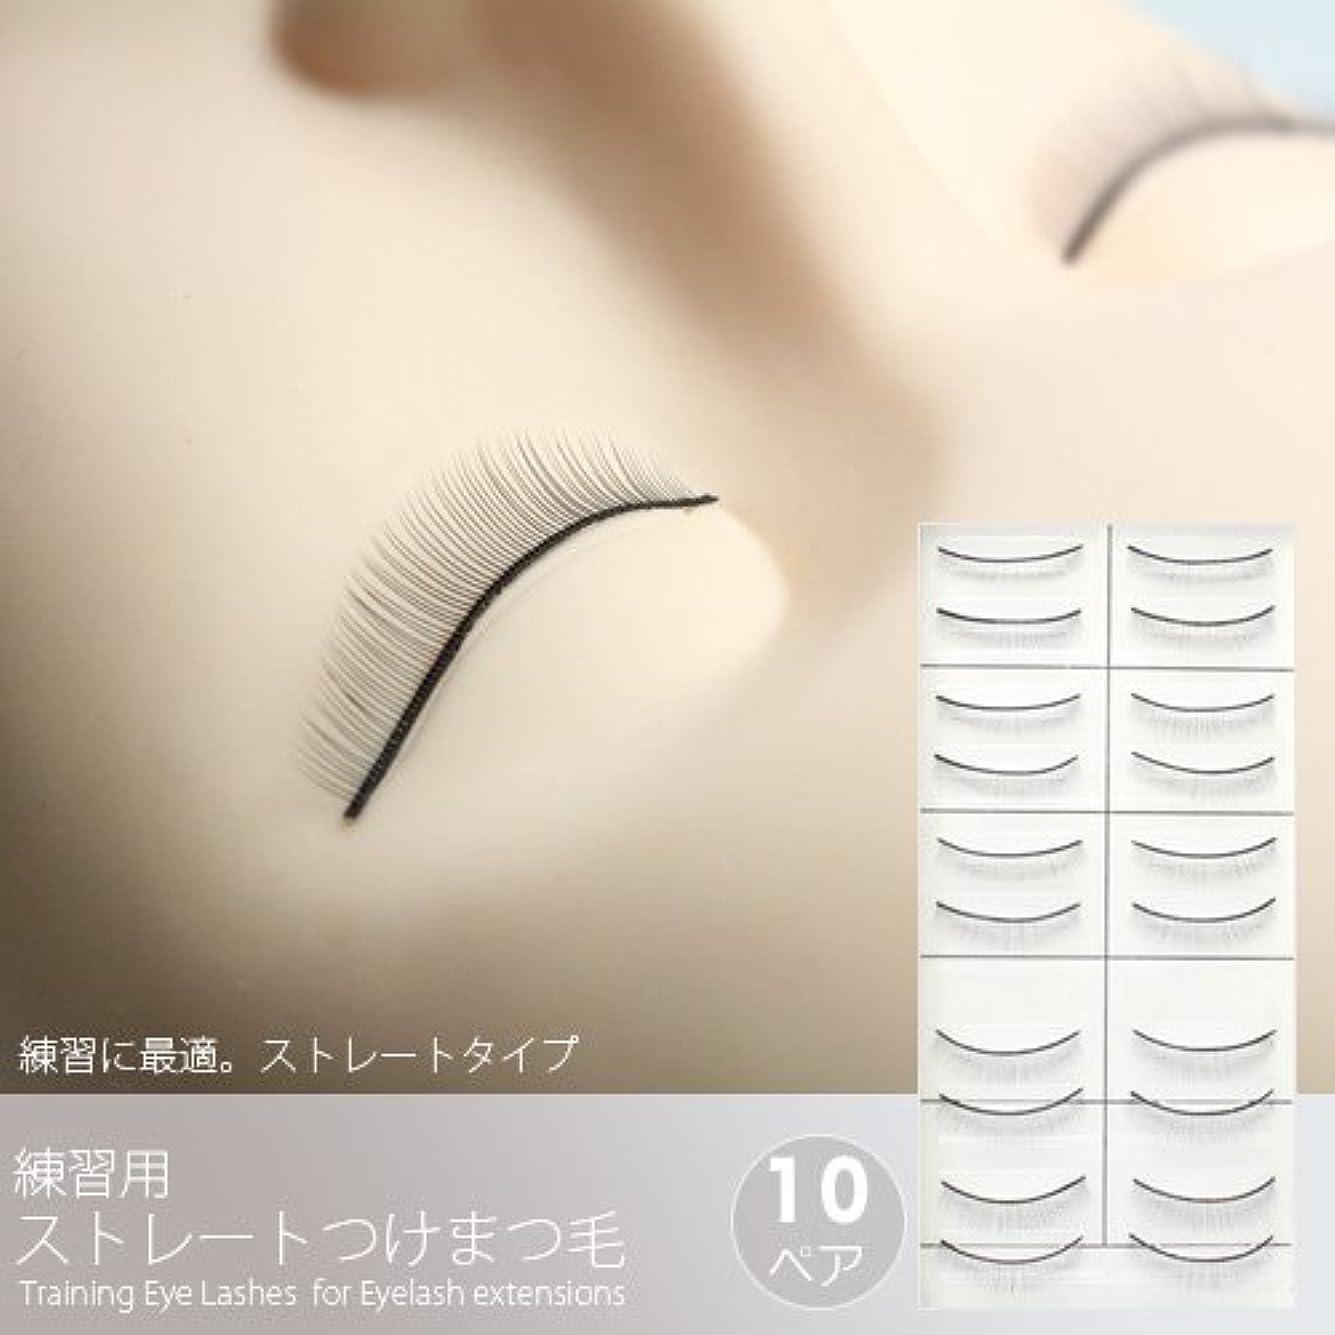 不完全ジュニア統治する練習用ストレートつけまつげ(10ペア)[Training Eye Lashes ]/まつ毛エクステ商材